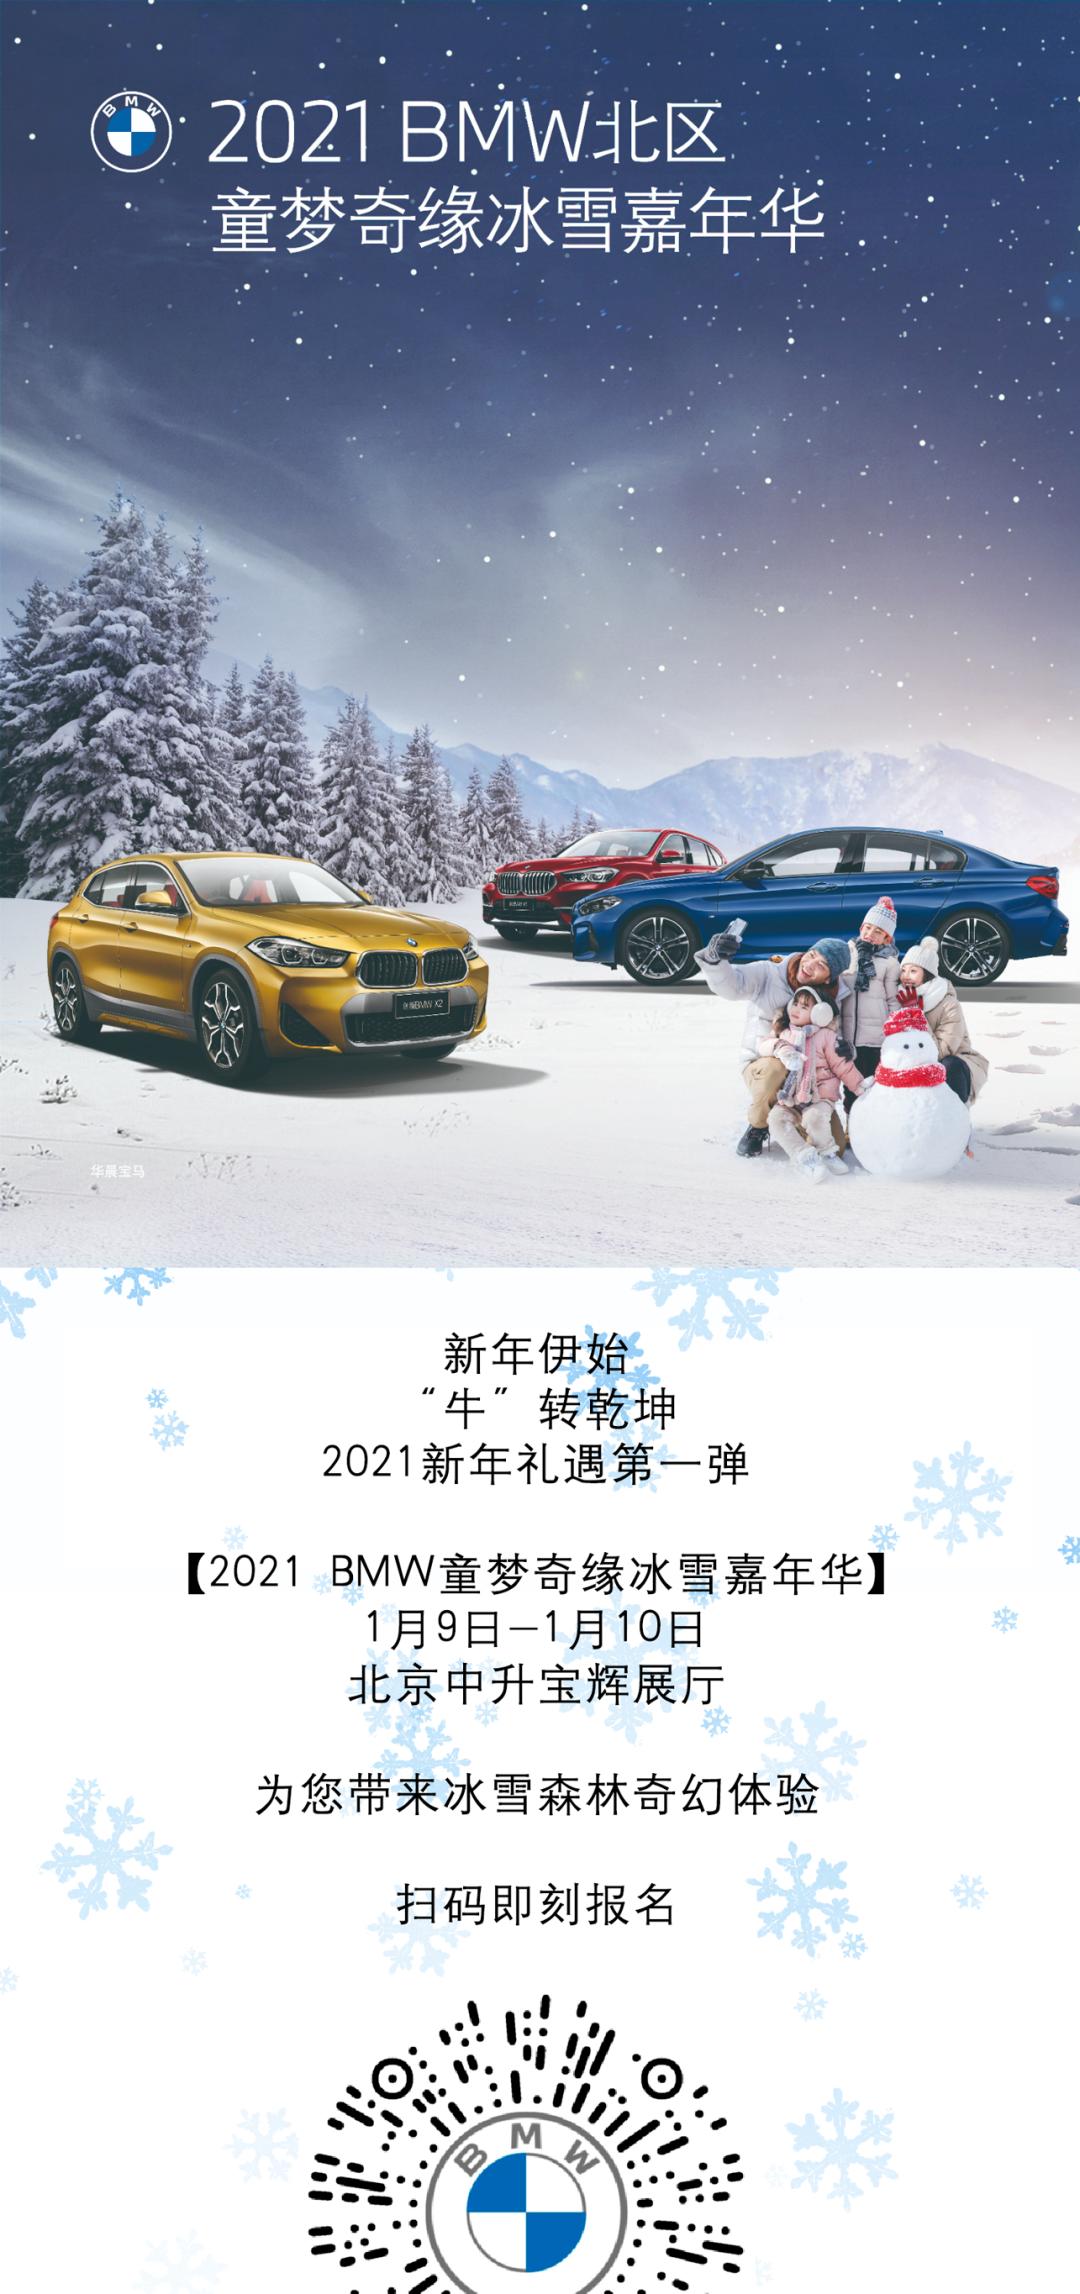 开启2021 BMW北区童梦奇缘冰雪嘉年华